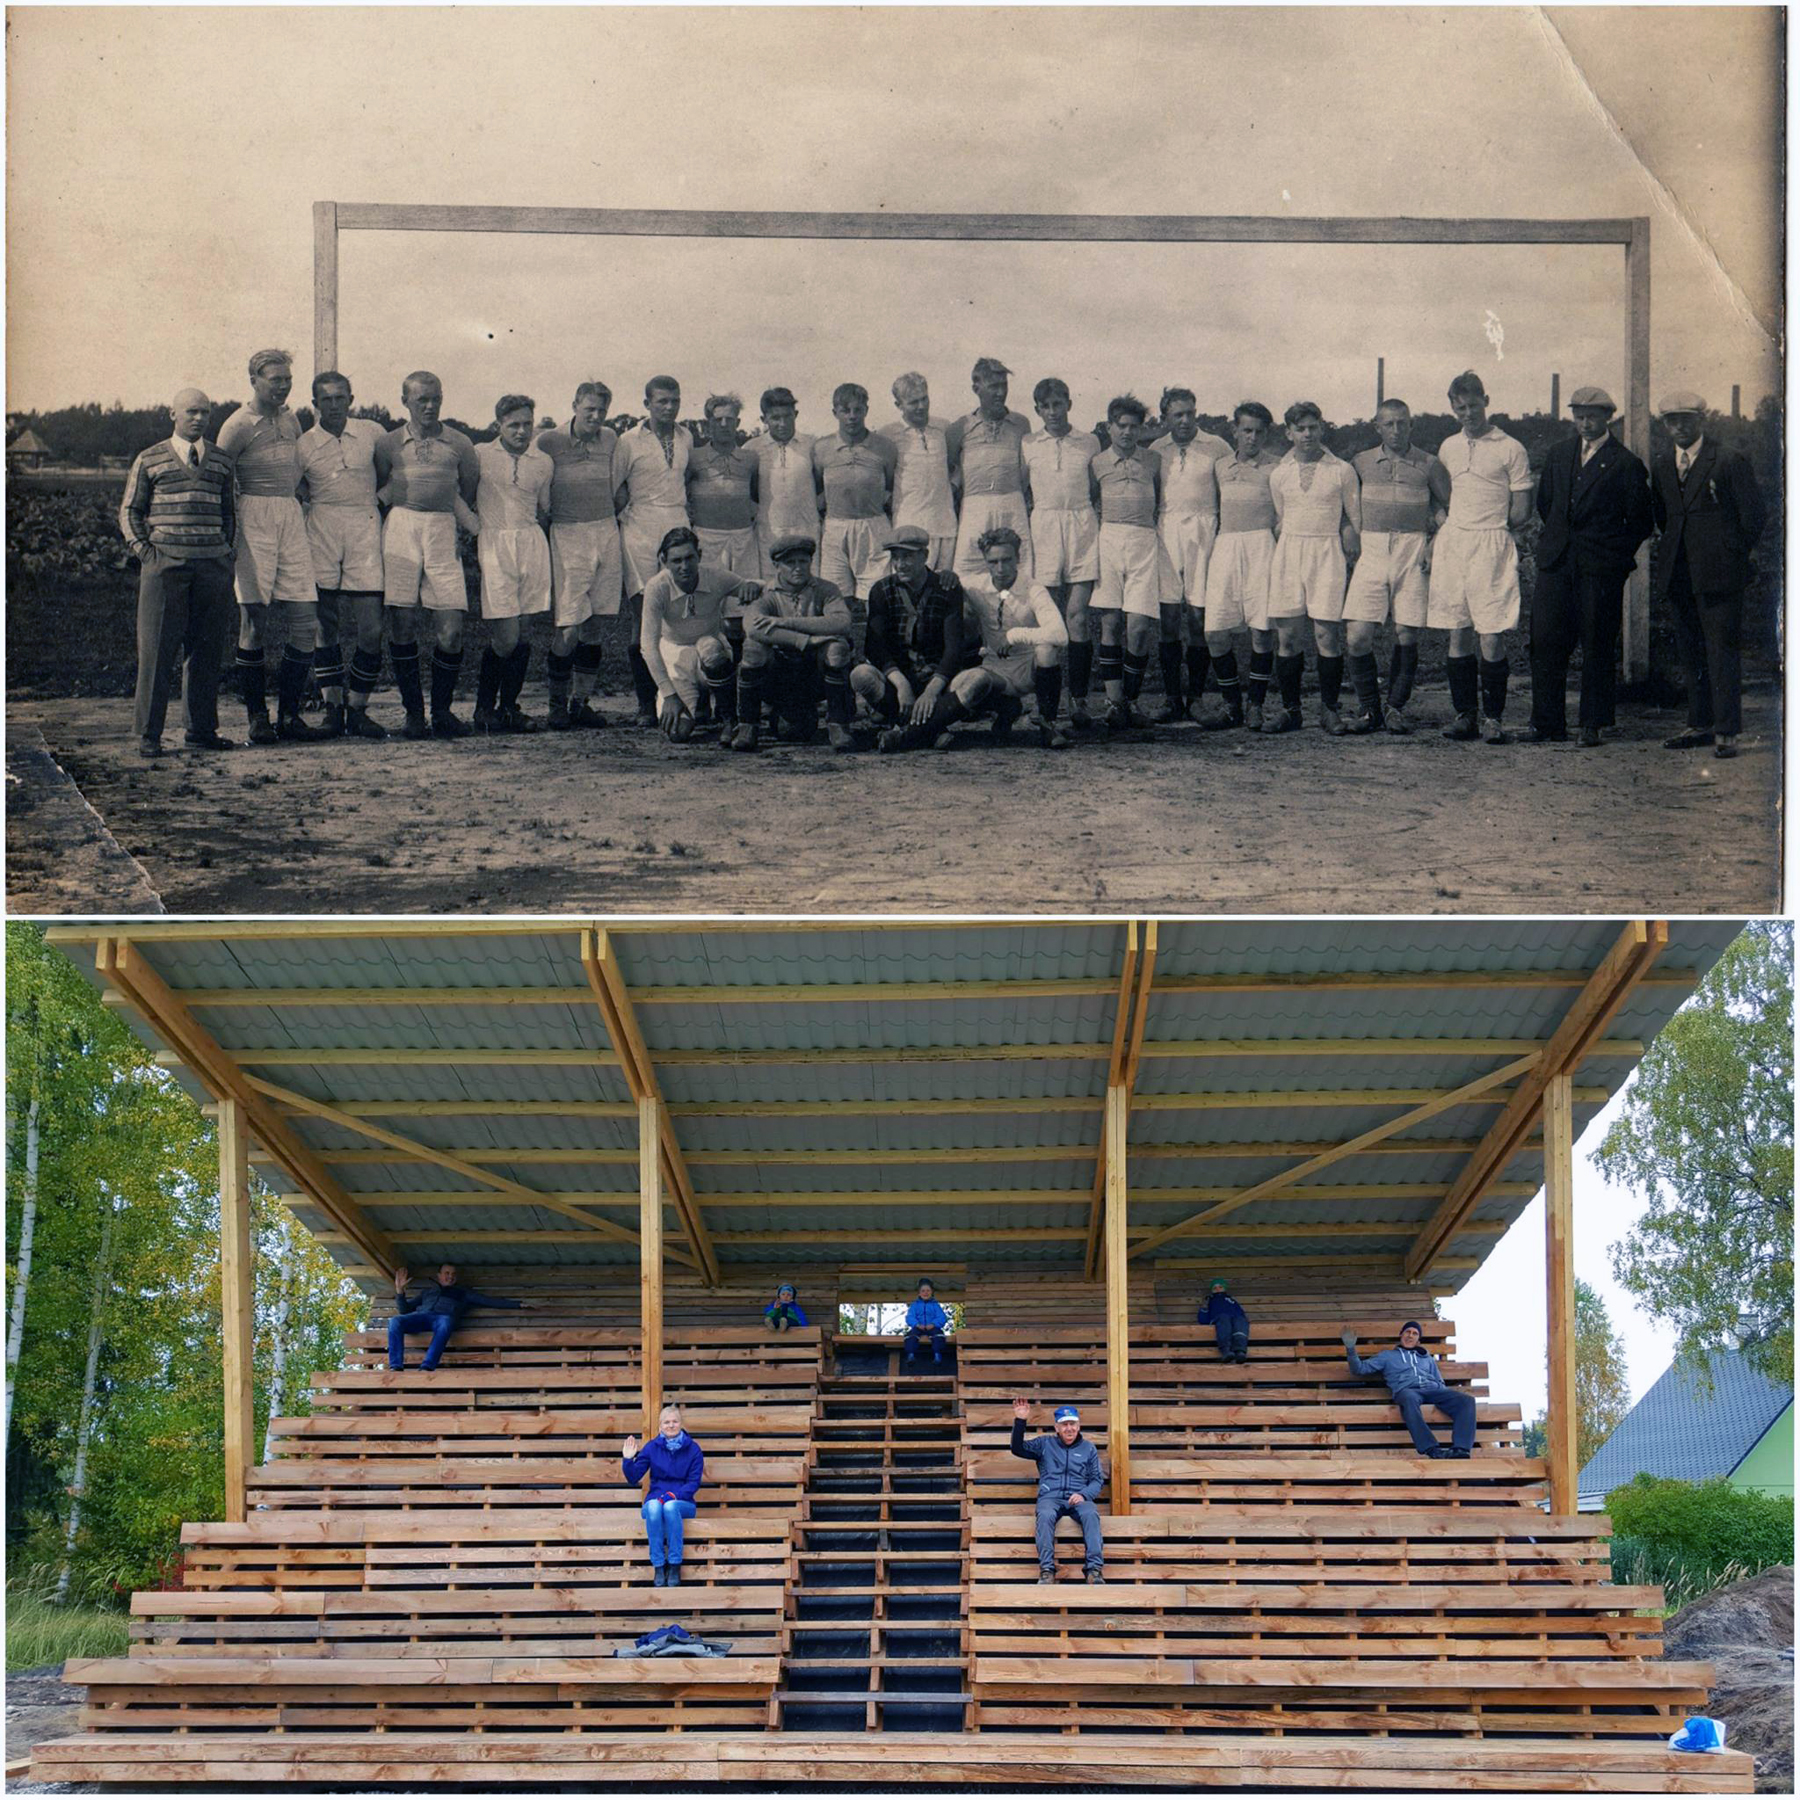 Vana ja uus foto enamvähem samast asukohast Alumise foto autor on Marko Šorin ja ülemine kuulub samuti tema kogusse